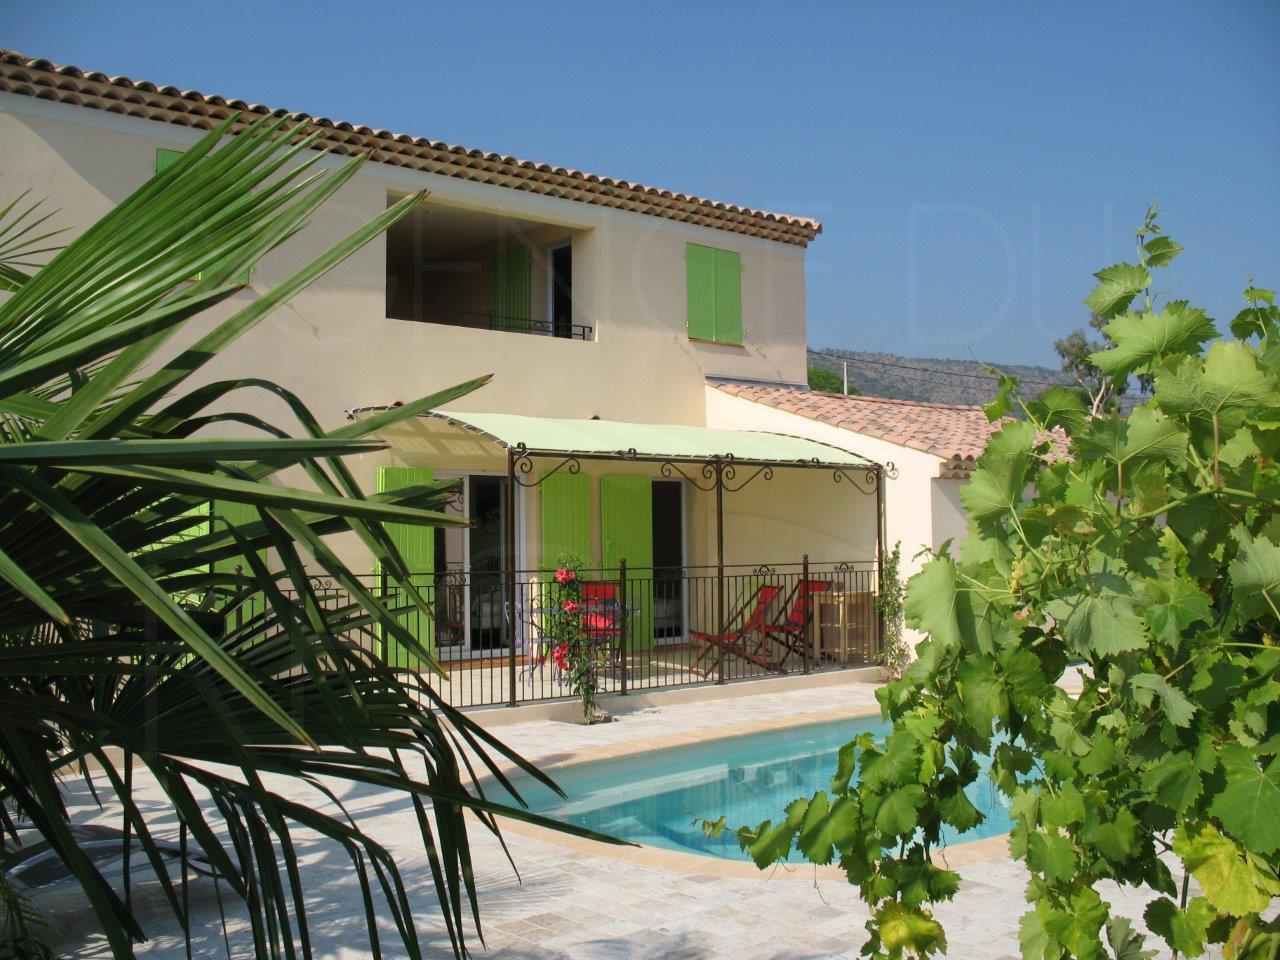 Maison a vendre a bormes les mimosas dans domaine priv villa avec 3 chambres et piscine var - Chambre d hote bormes les mimosas ...